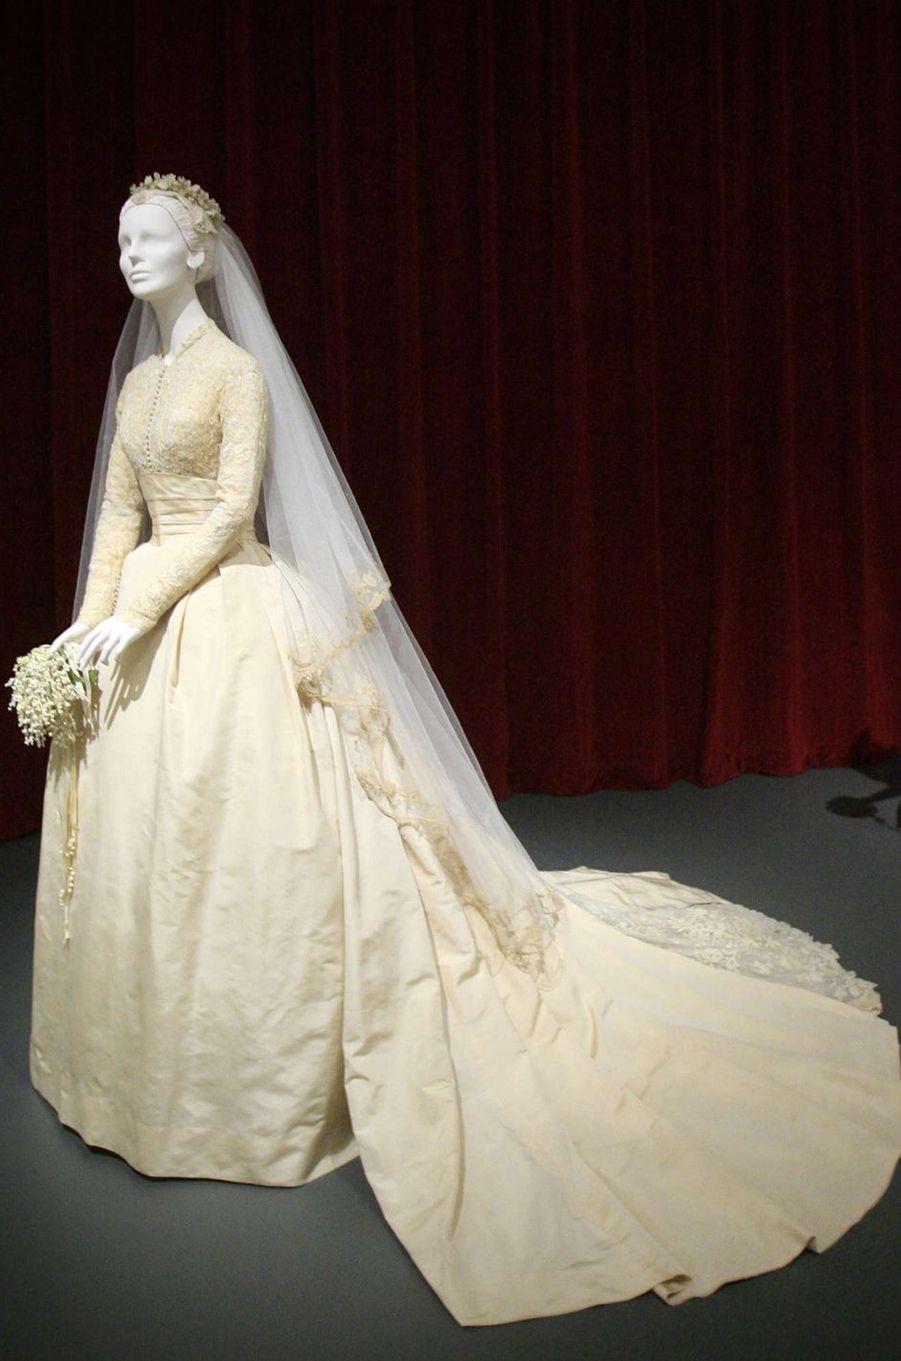 La robe de mariée de la princesse Grace de Monaco au Philadelphia Museum of Art, le 31 mai 2006